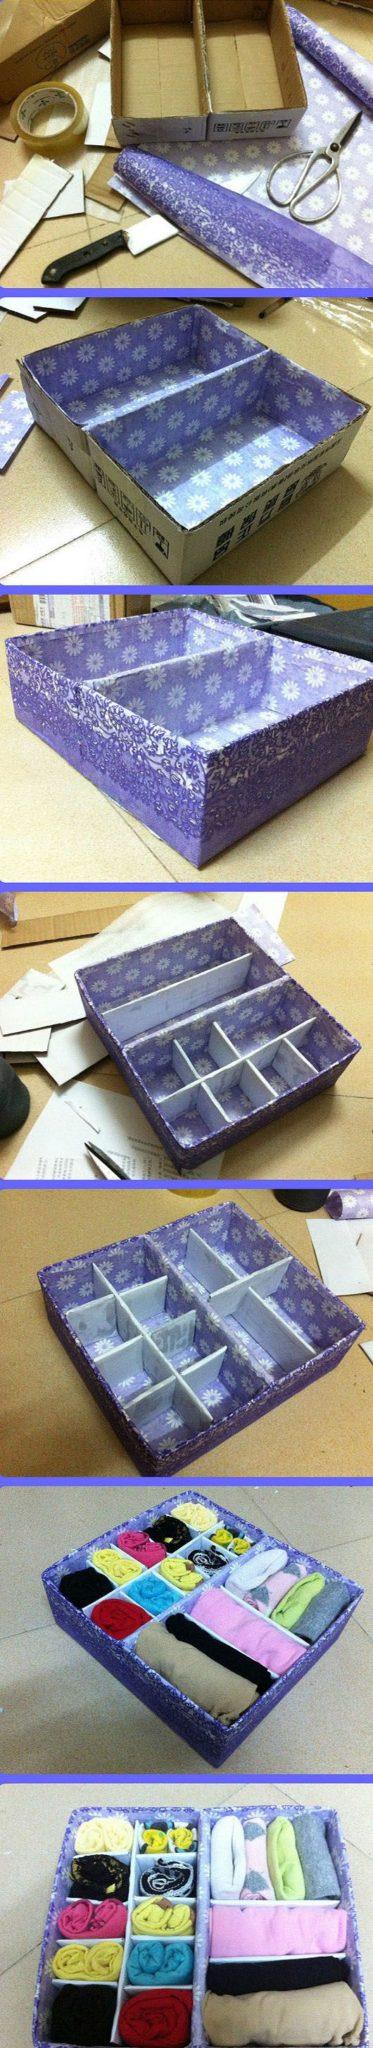 cajas de cartón forradas con papel o tela para ordenar cajones paso a paso